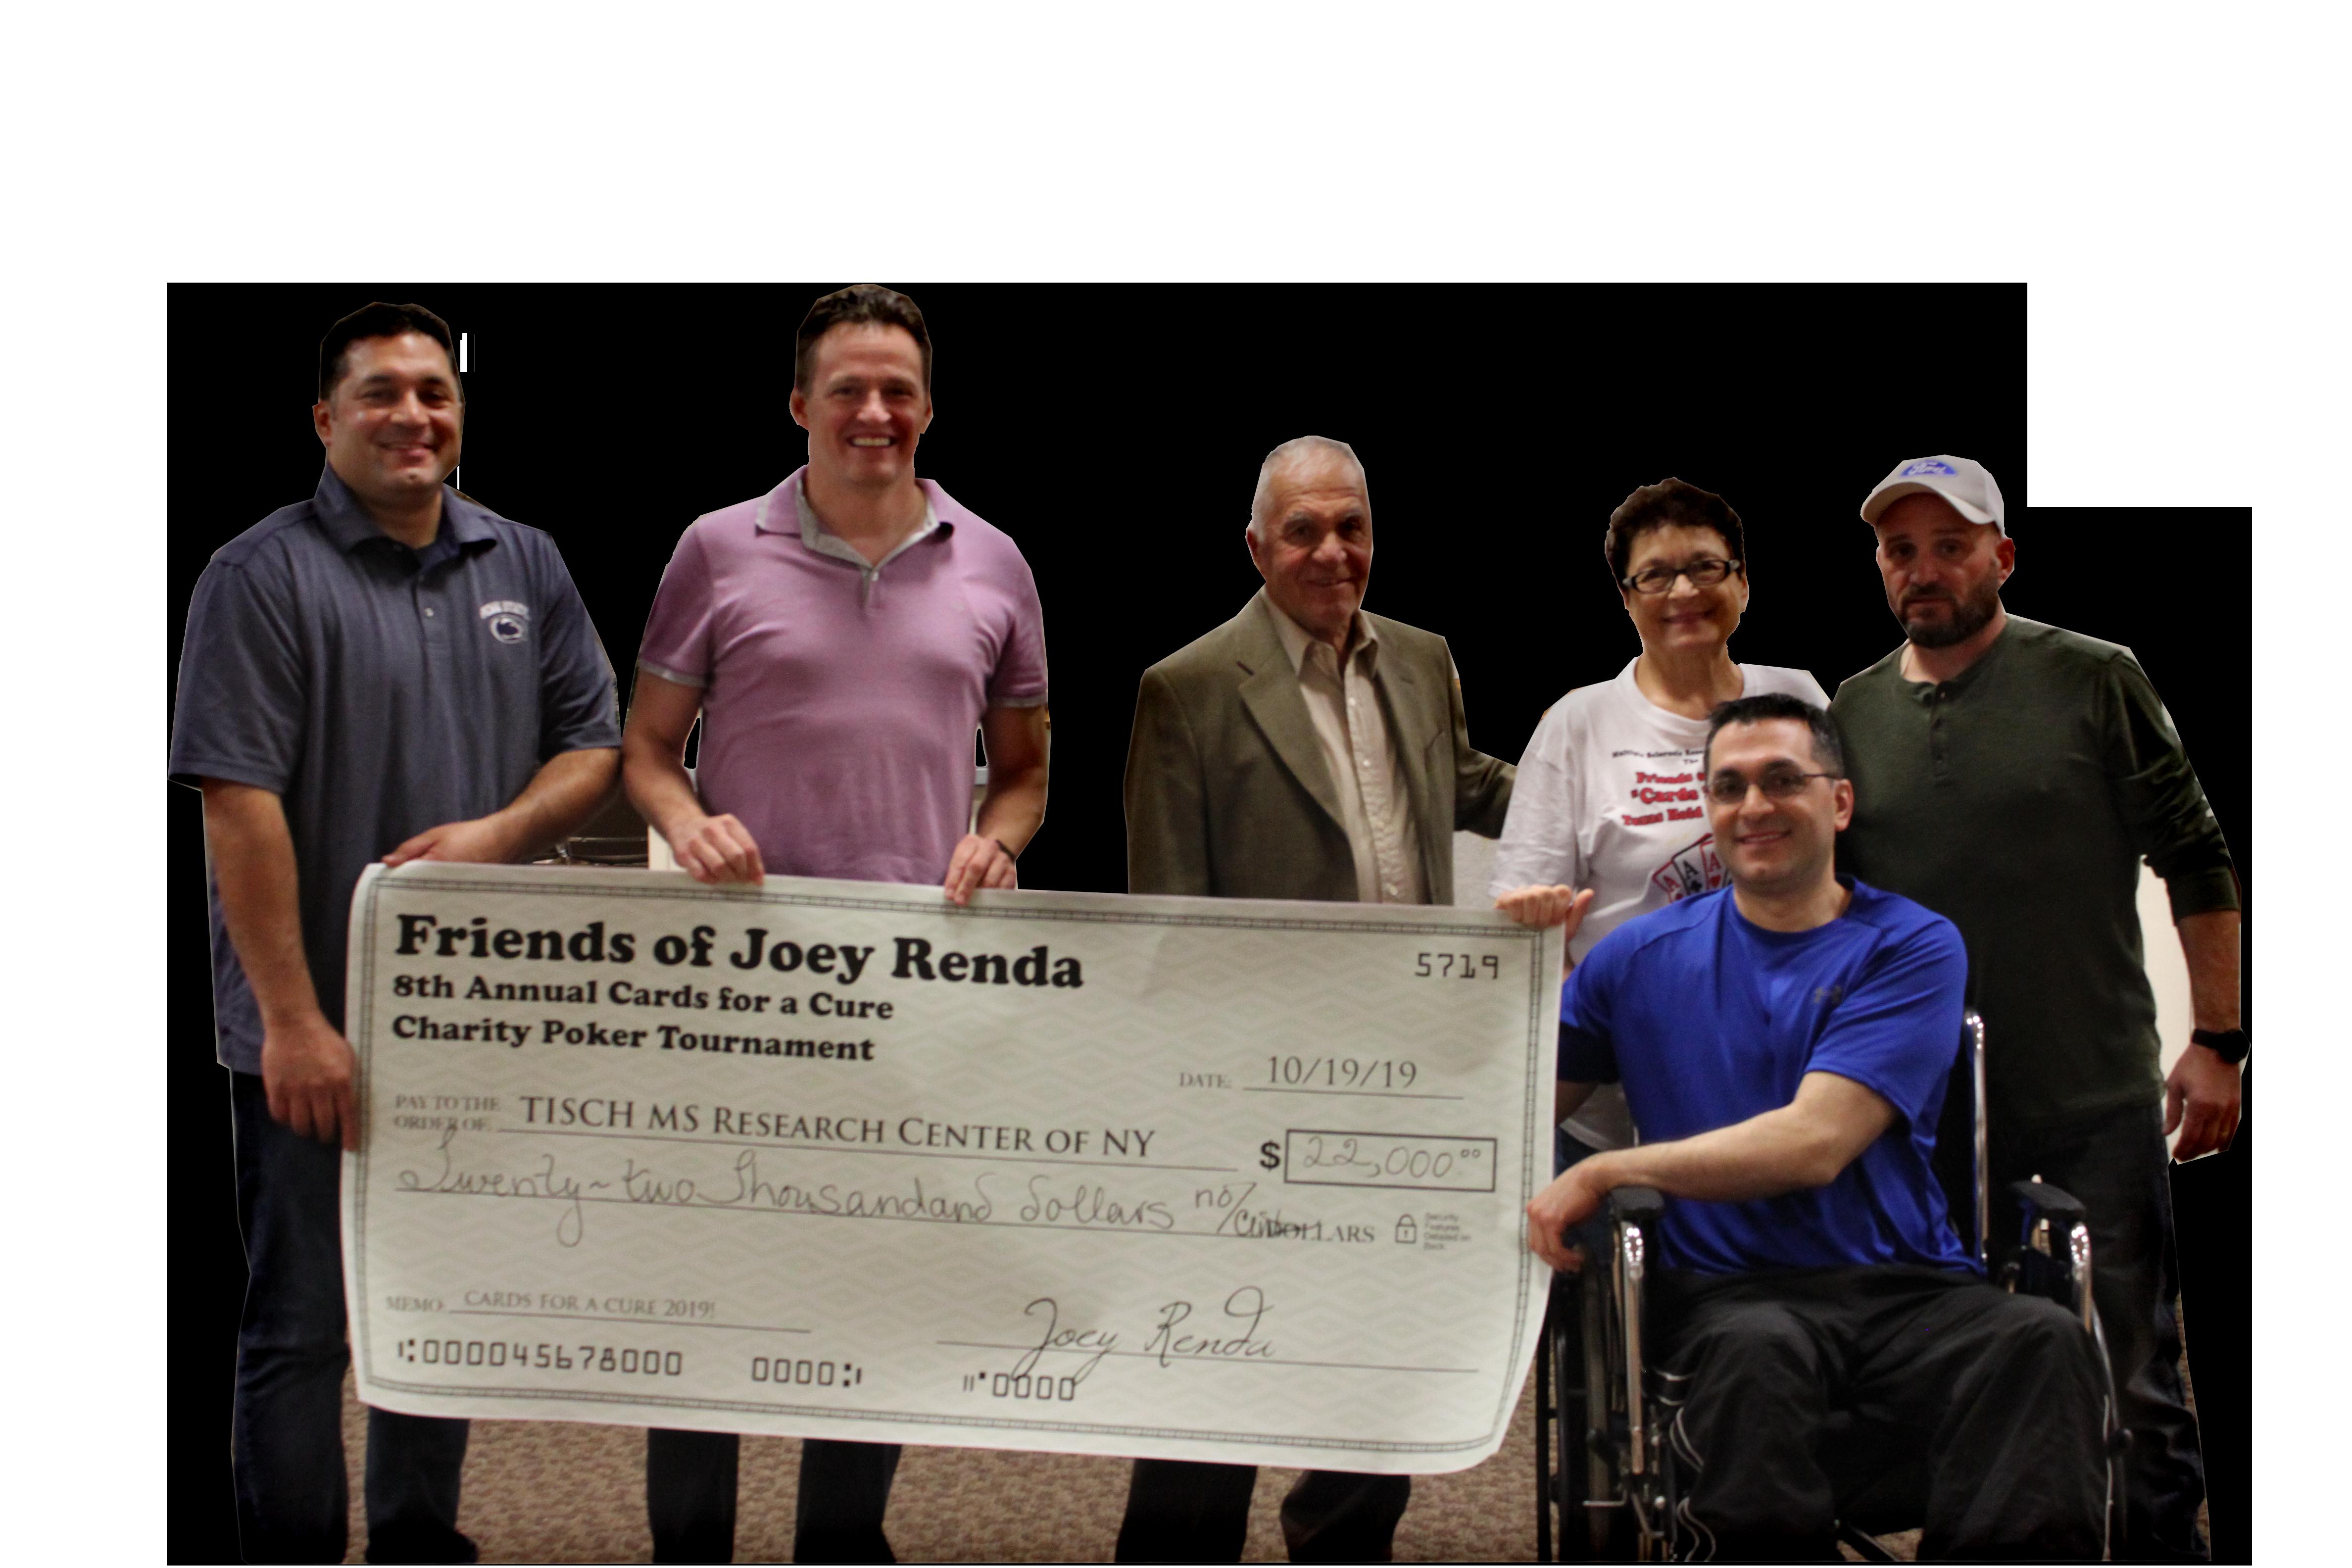 Friends of Joey Renda 2019